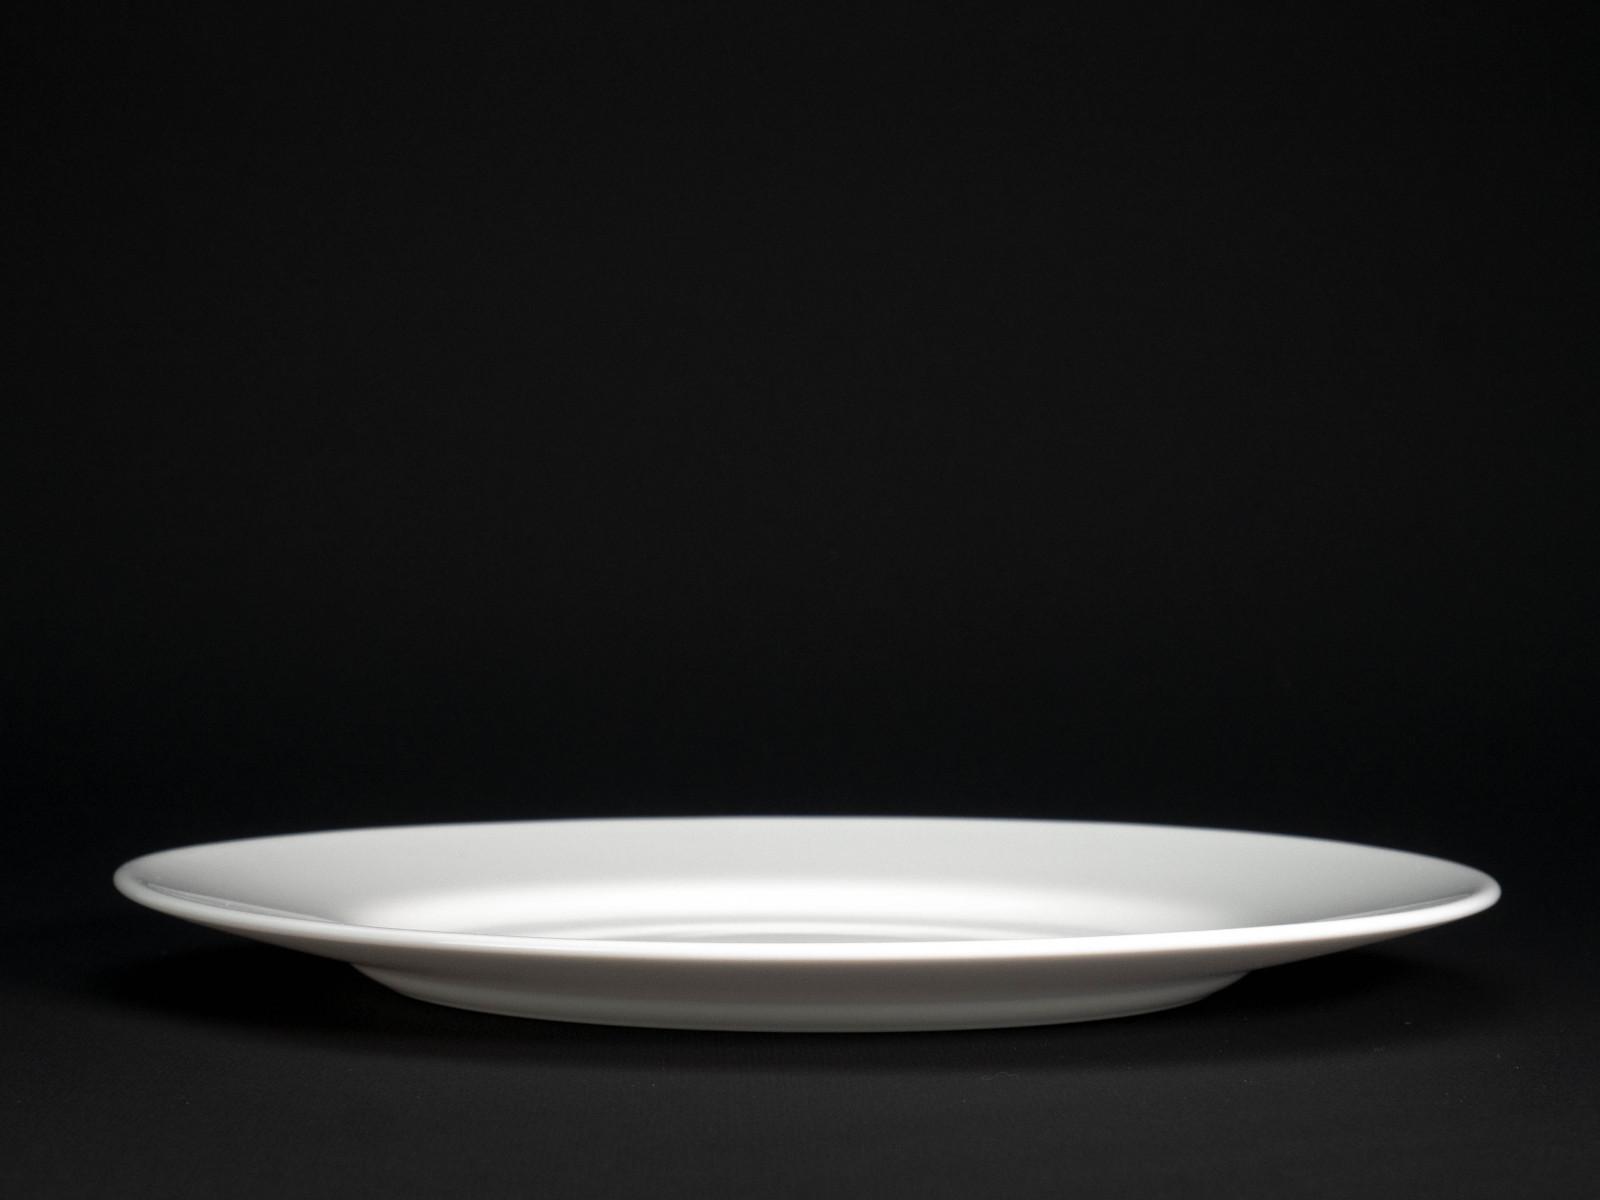 Сервіз столовий для щоденного використання на 6 персон Luminarc Everyday з 19 предметів G0567